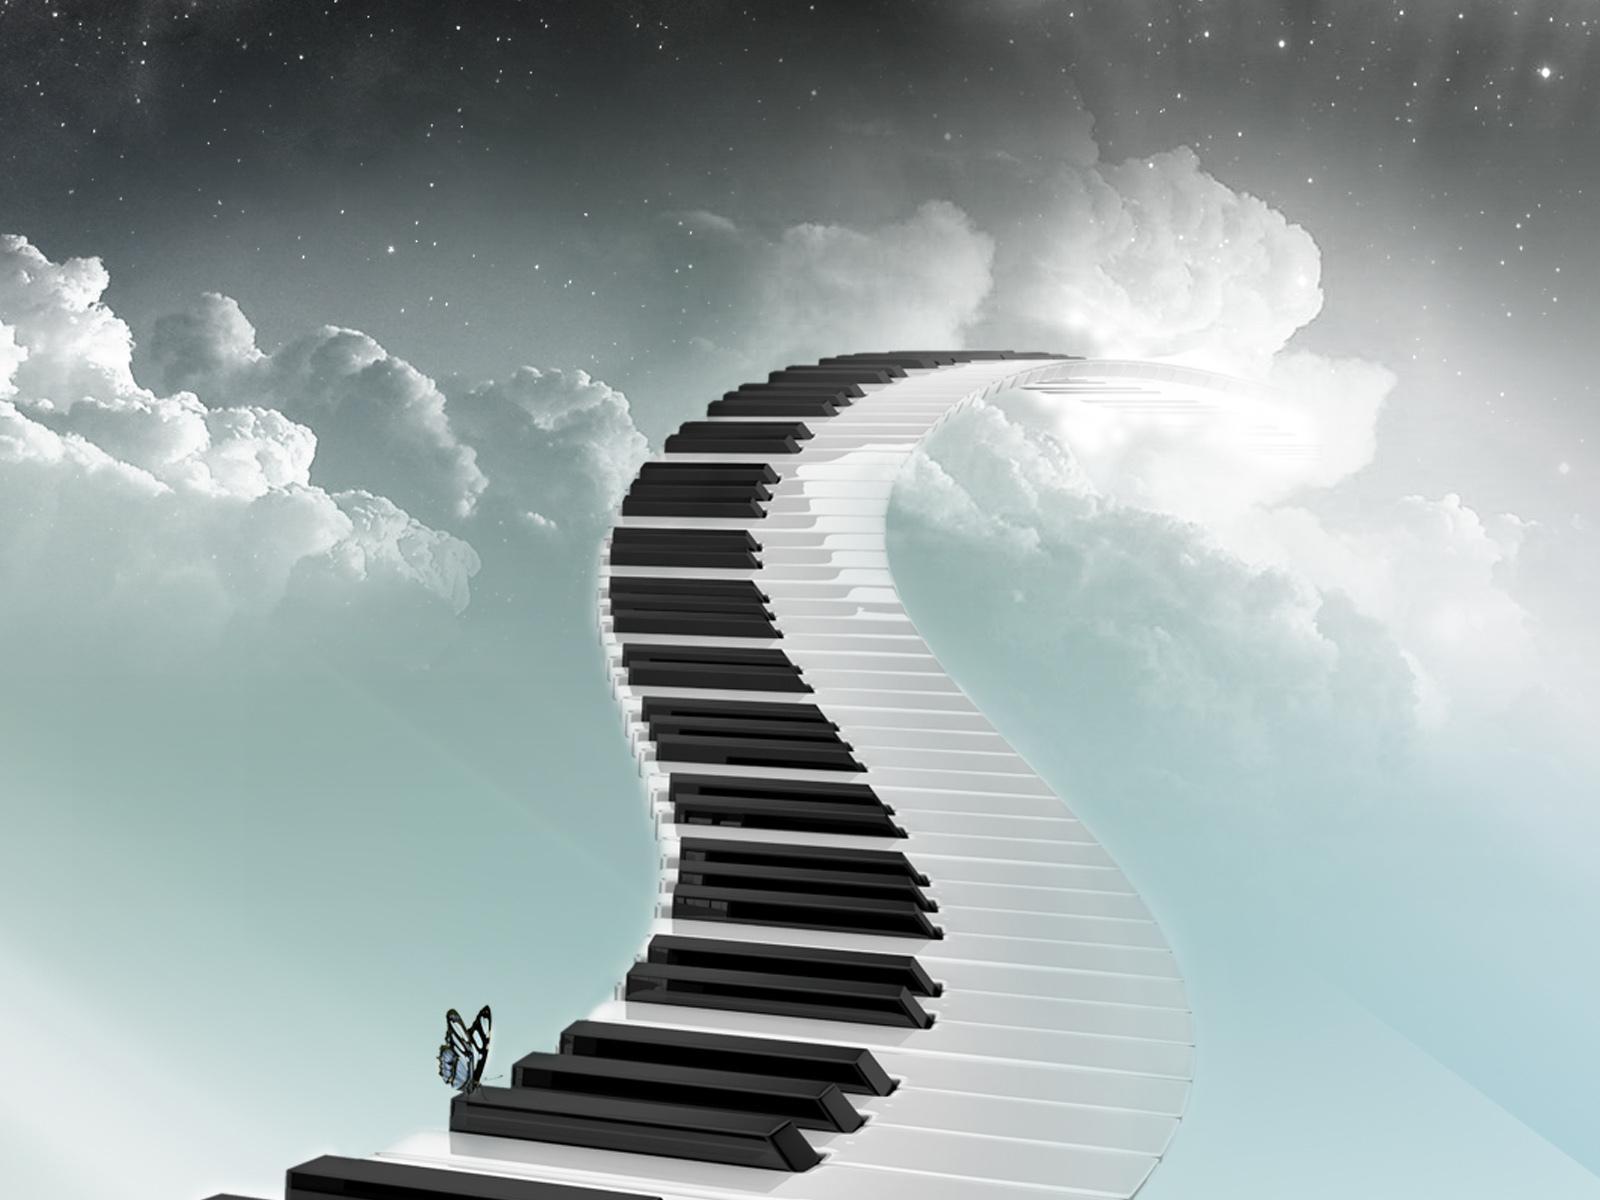 Скачать обои музыкальная лестница